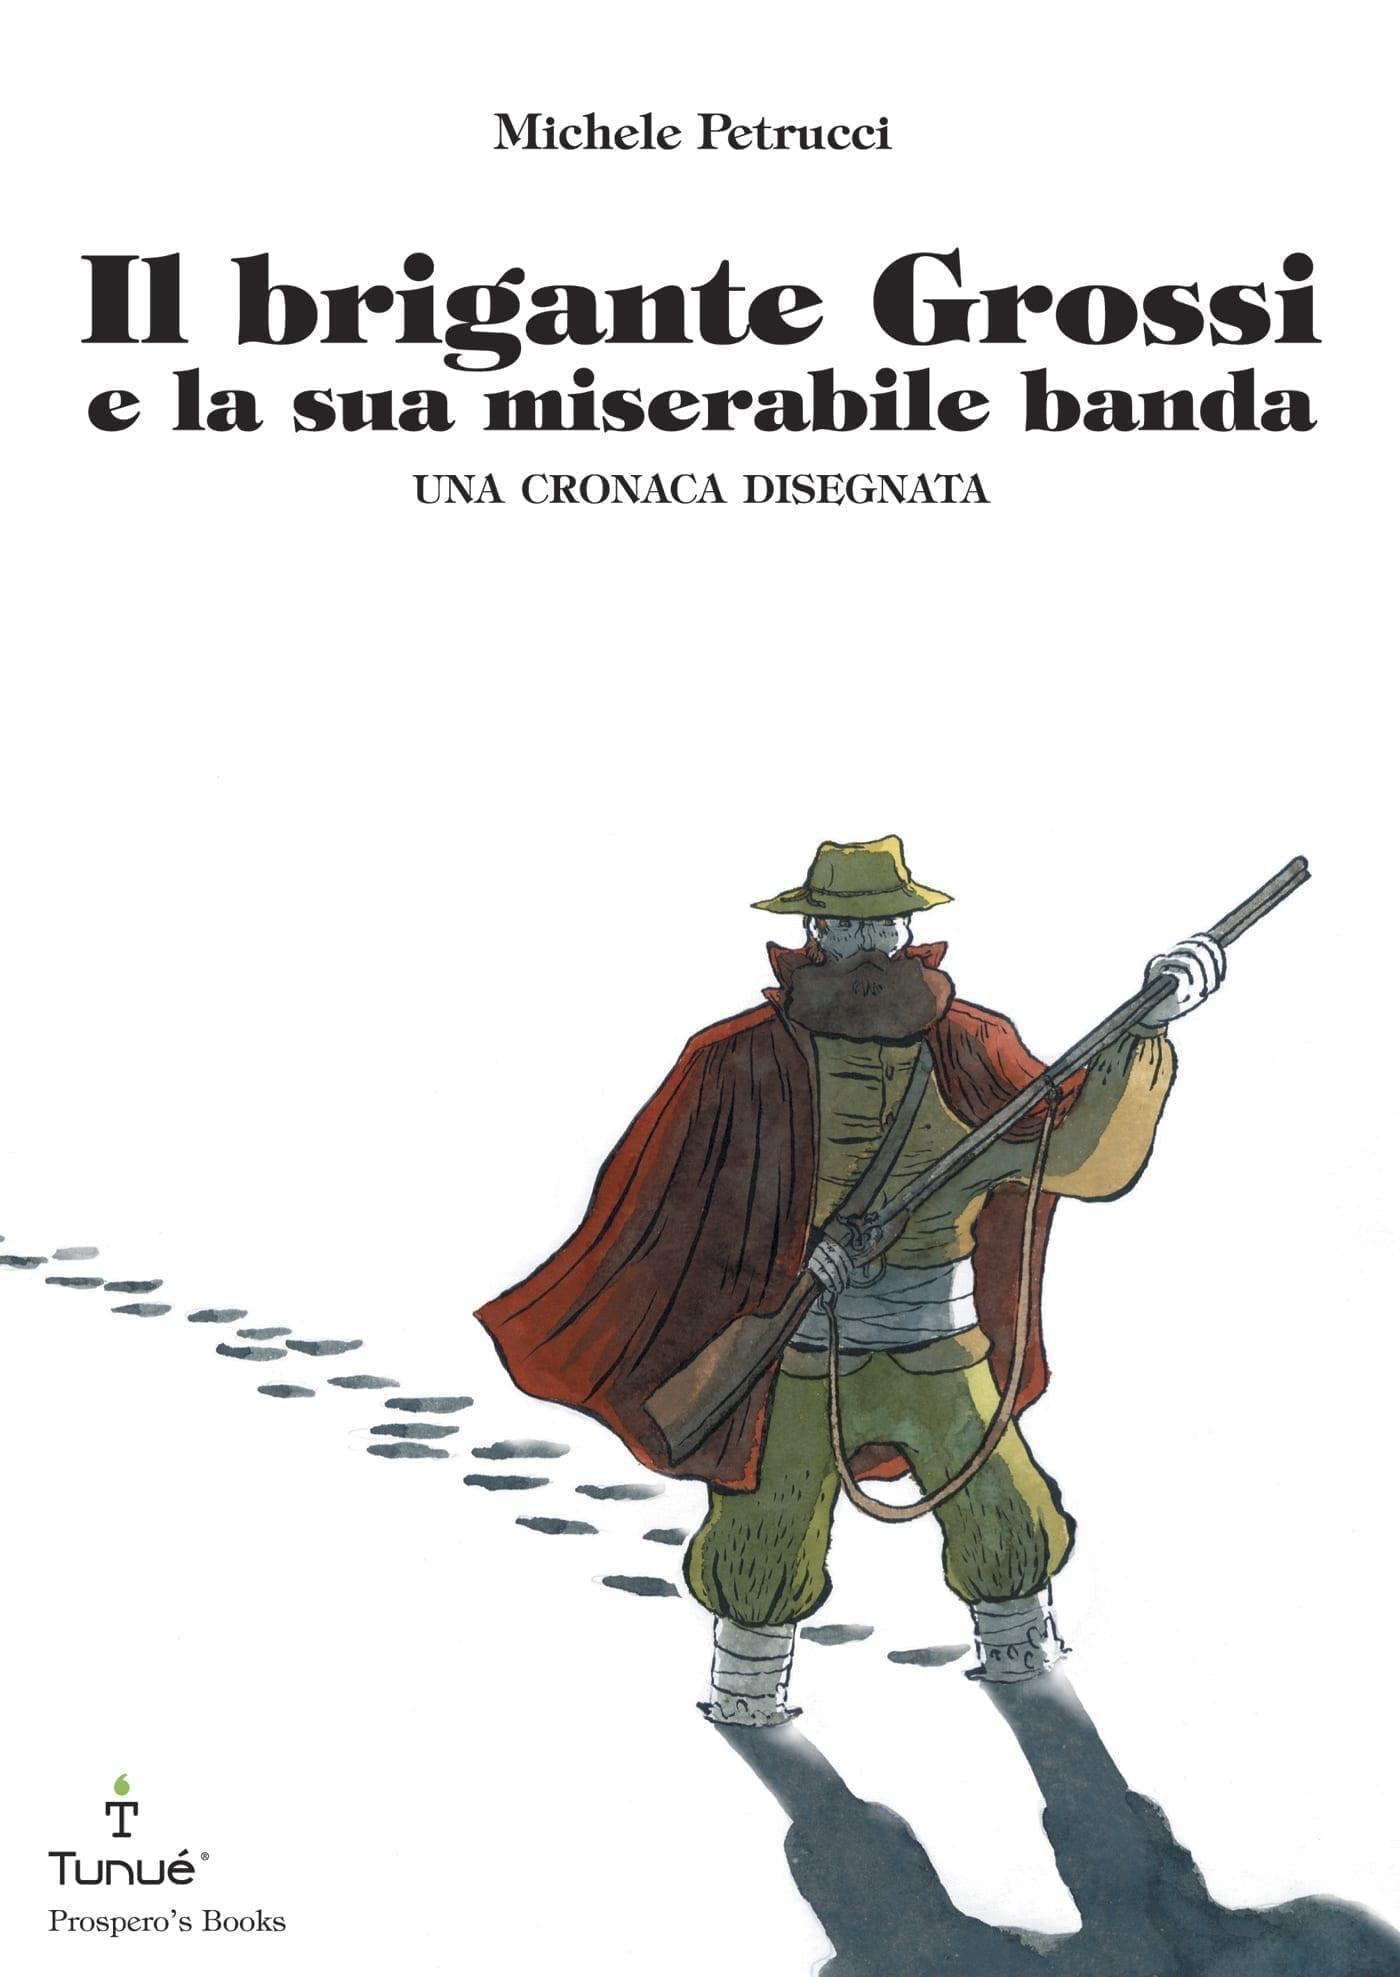 Prospero_29_Il brigante Grossi_978-88-89613-31-3